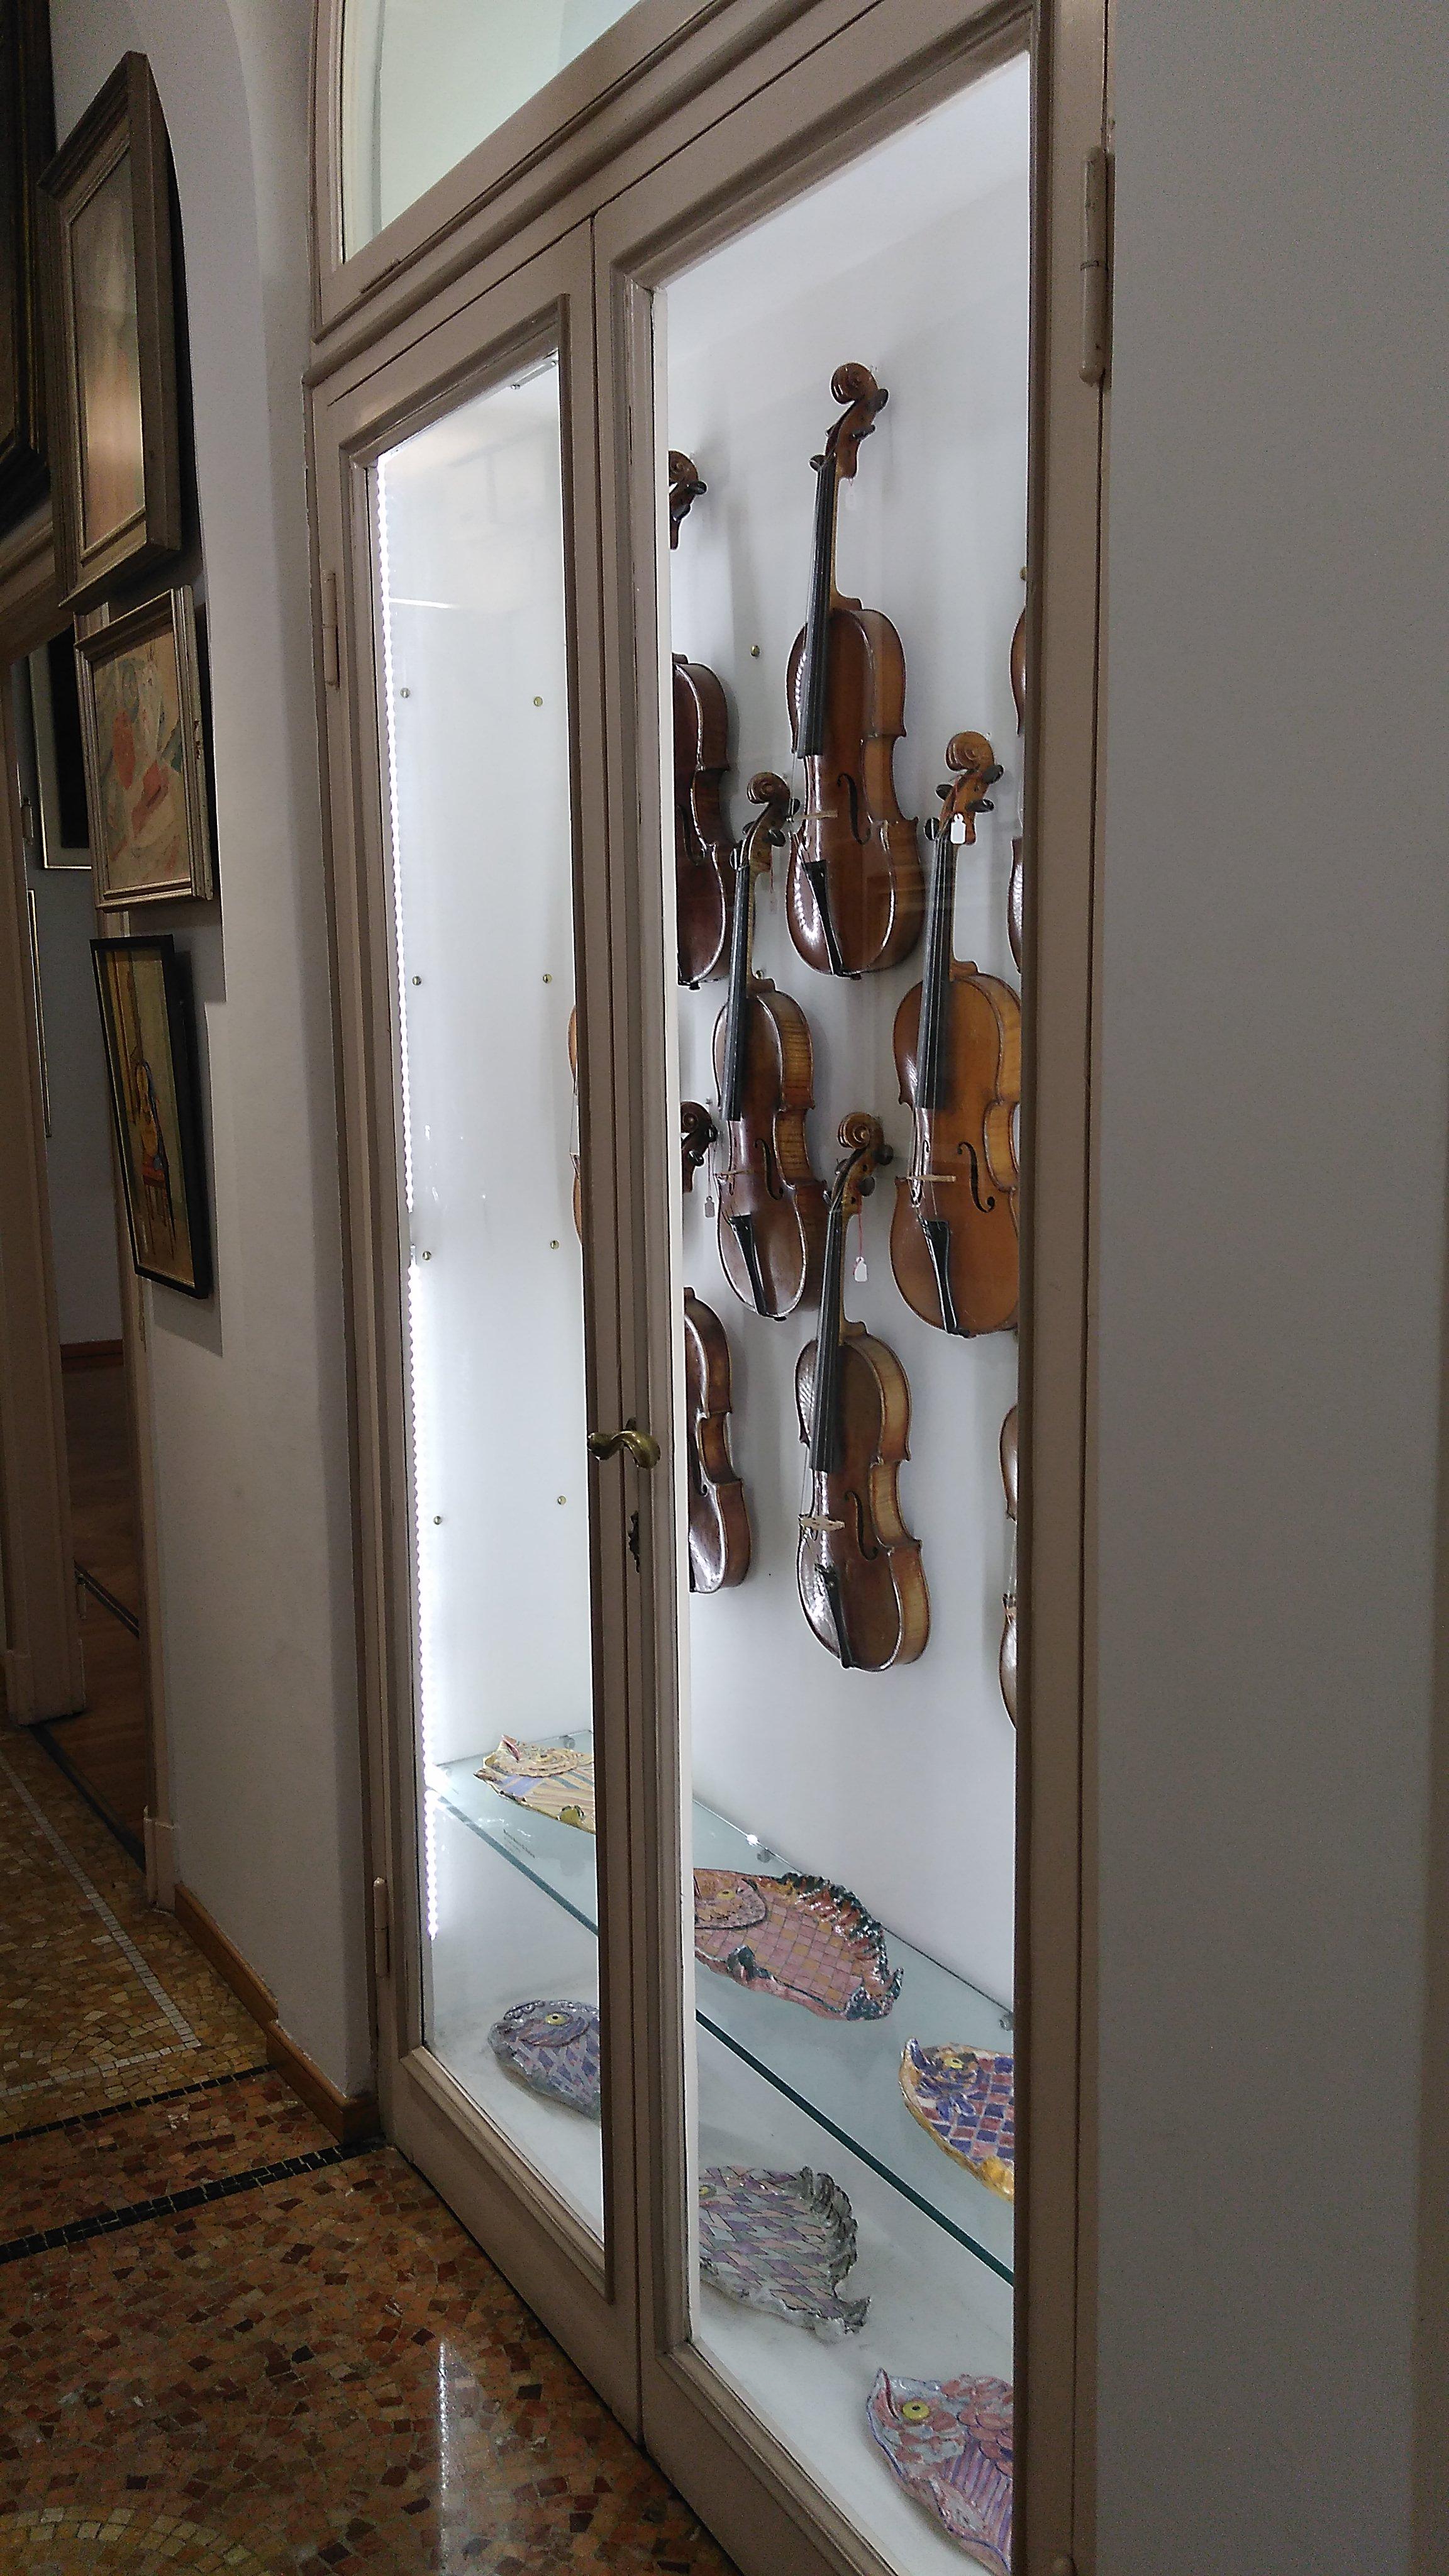 Casa Museo Boschi Di Stefano.File Casa Museo Boschi Di Stefano Aperti Per Voi Touring 10 Jpg